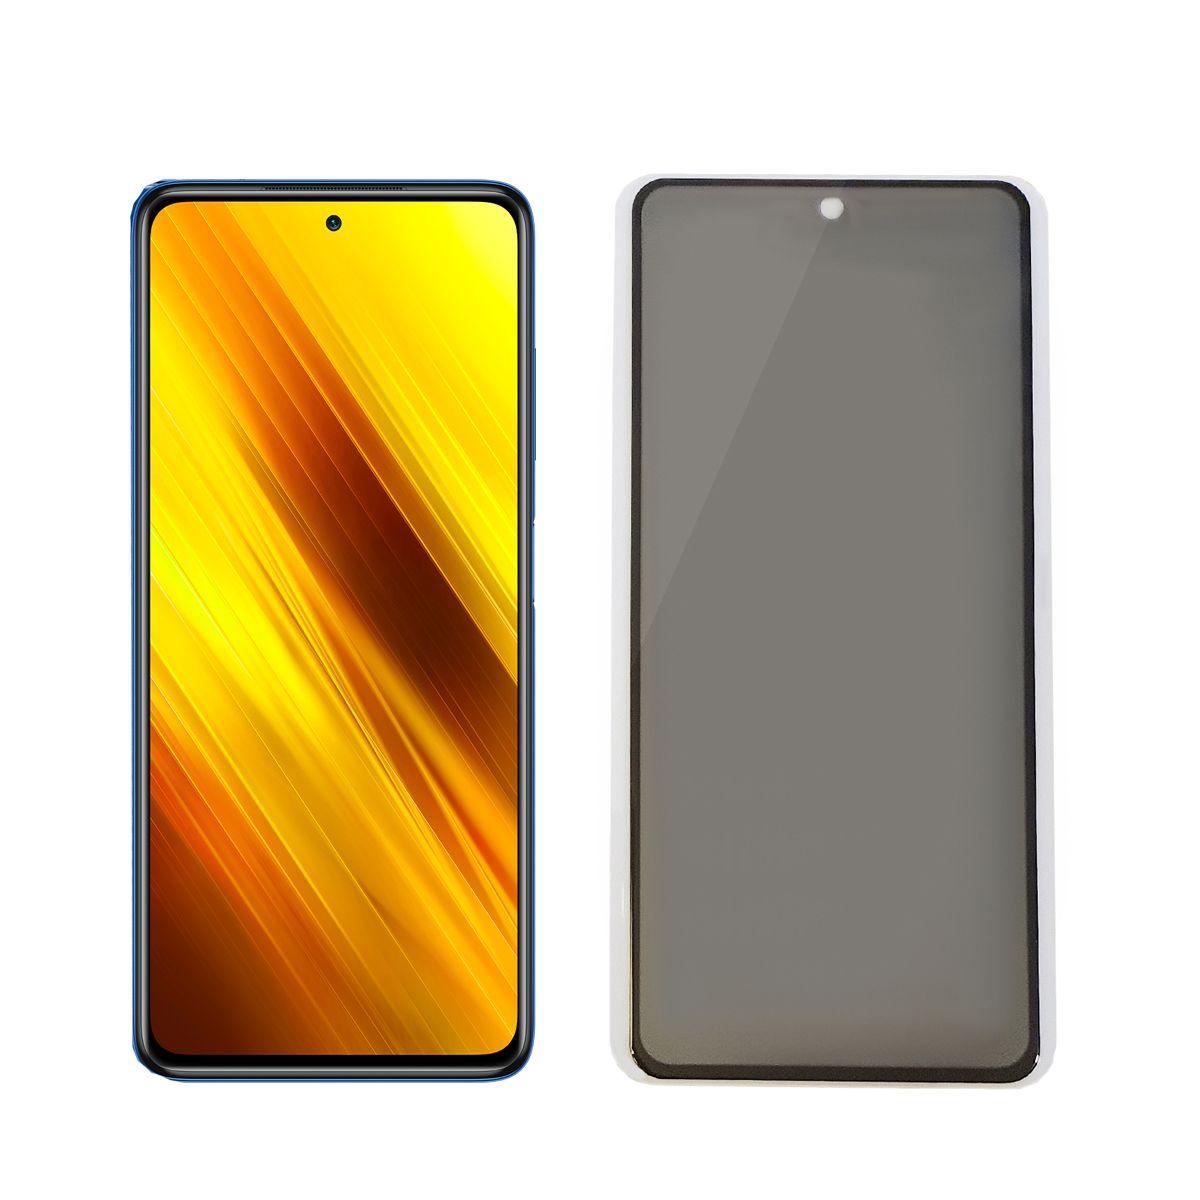 محافظ صفحه نمایش حریم شخصی مدل PR01to مناسب برای گوشی موبایل شیائومی Poco X3